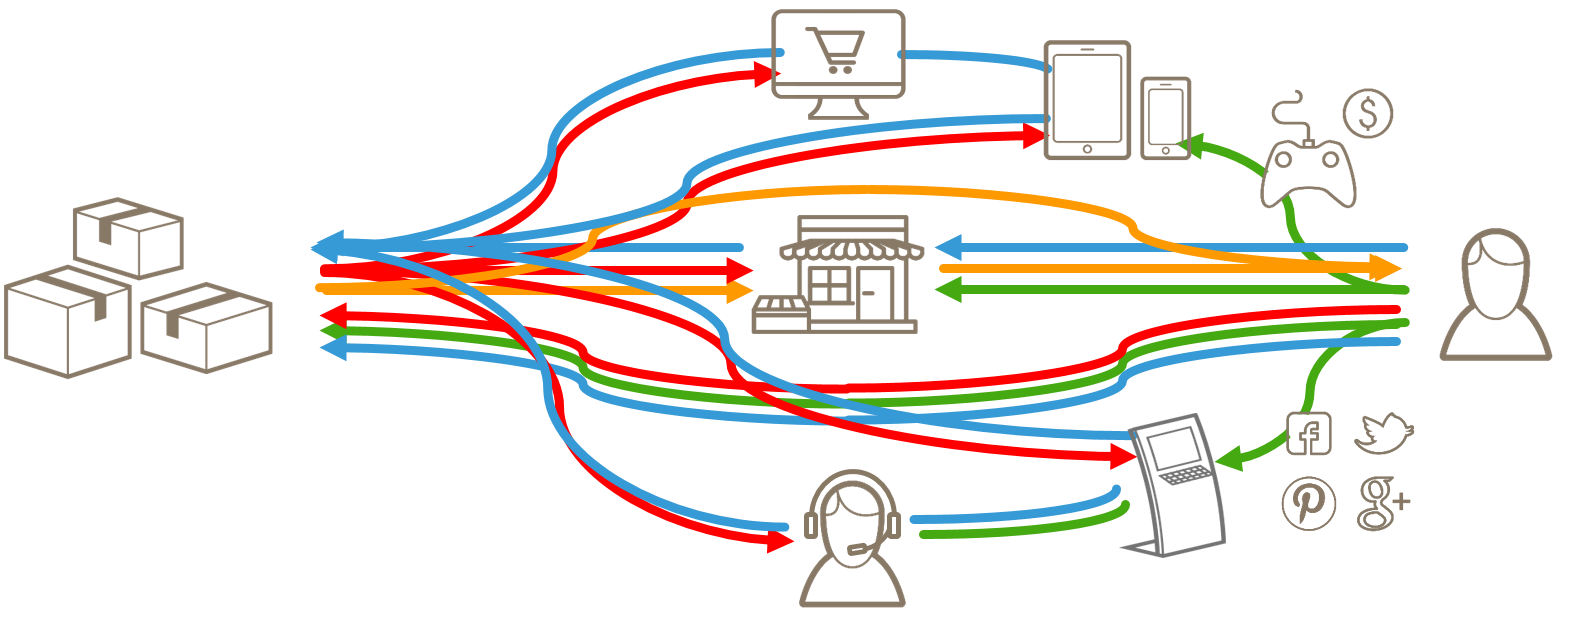 Interaktions und Kaufprozesse